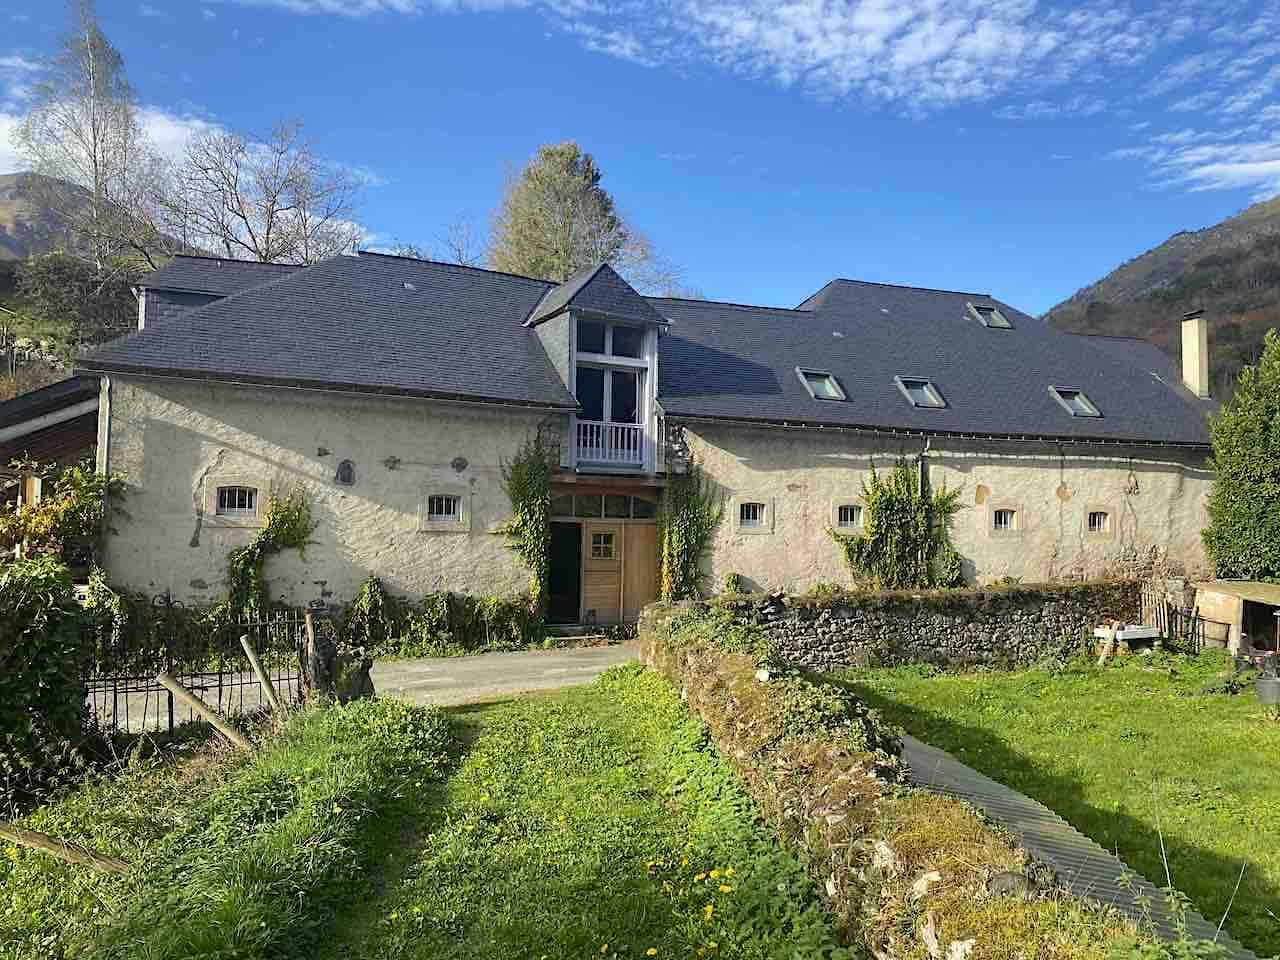 Gîte d'étape et de séjour Montagne & Vie à Bedous, Béarn en Pyrénées.